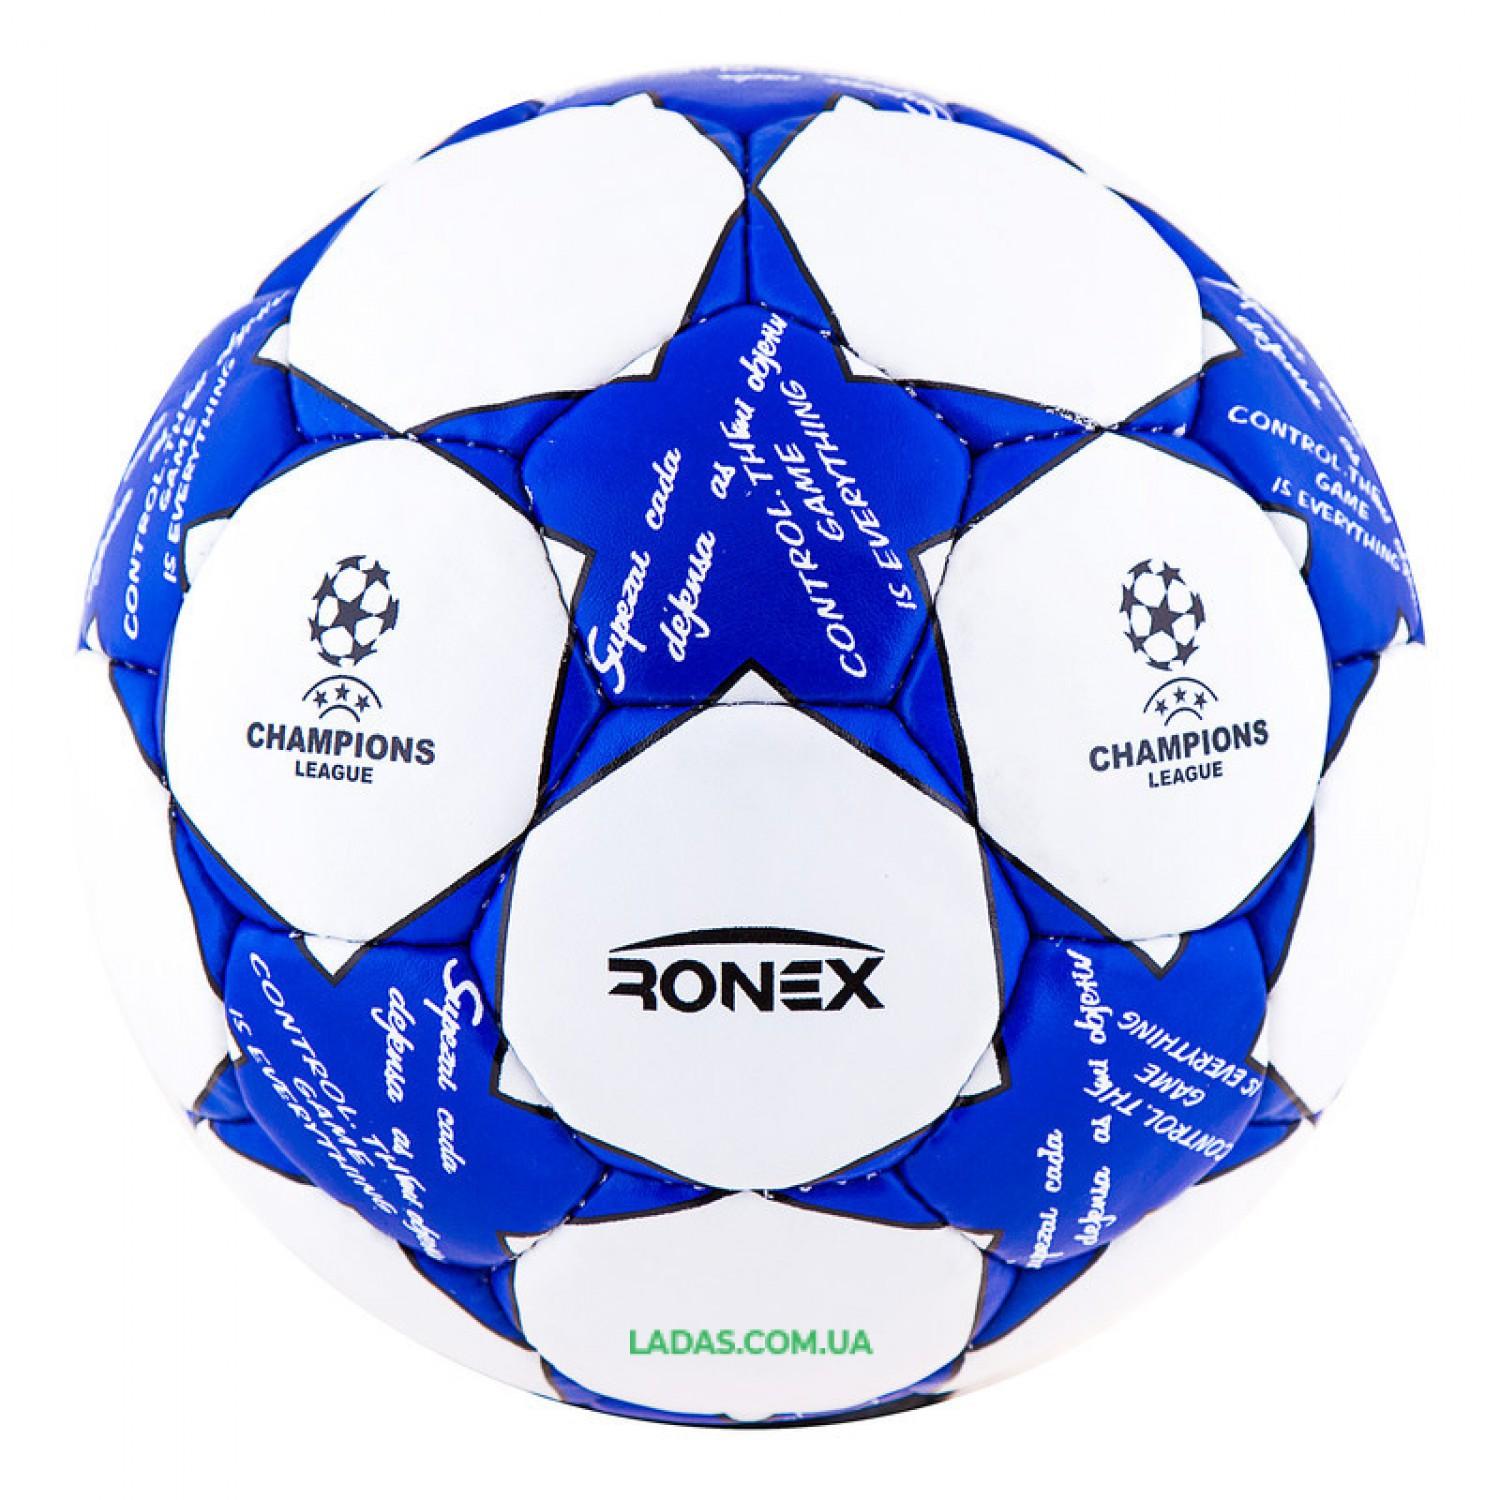 Мяч футбольный DXN Ronex FN2 (сшит вручную, бело-синий)